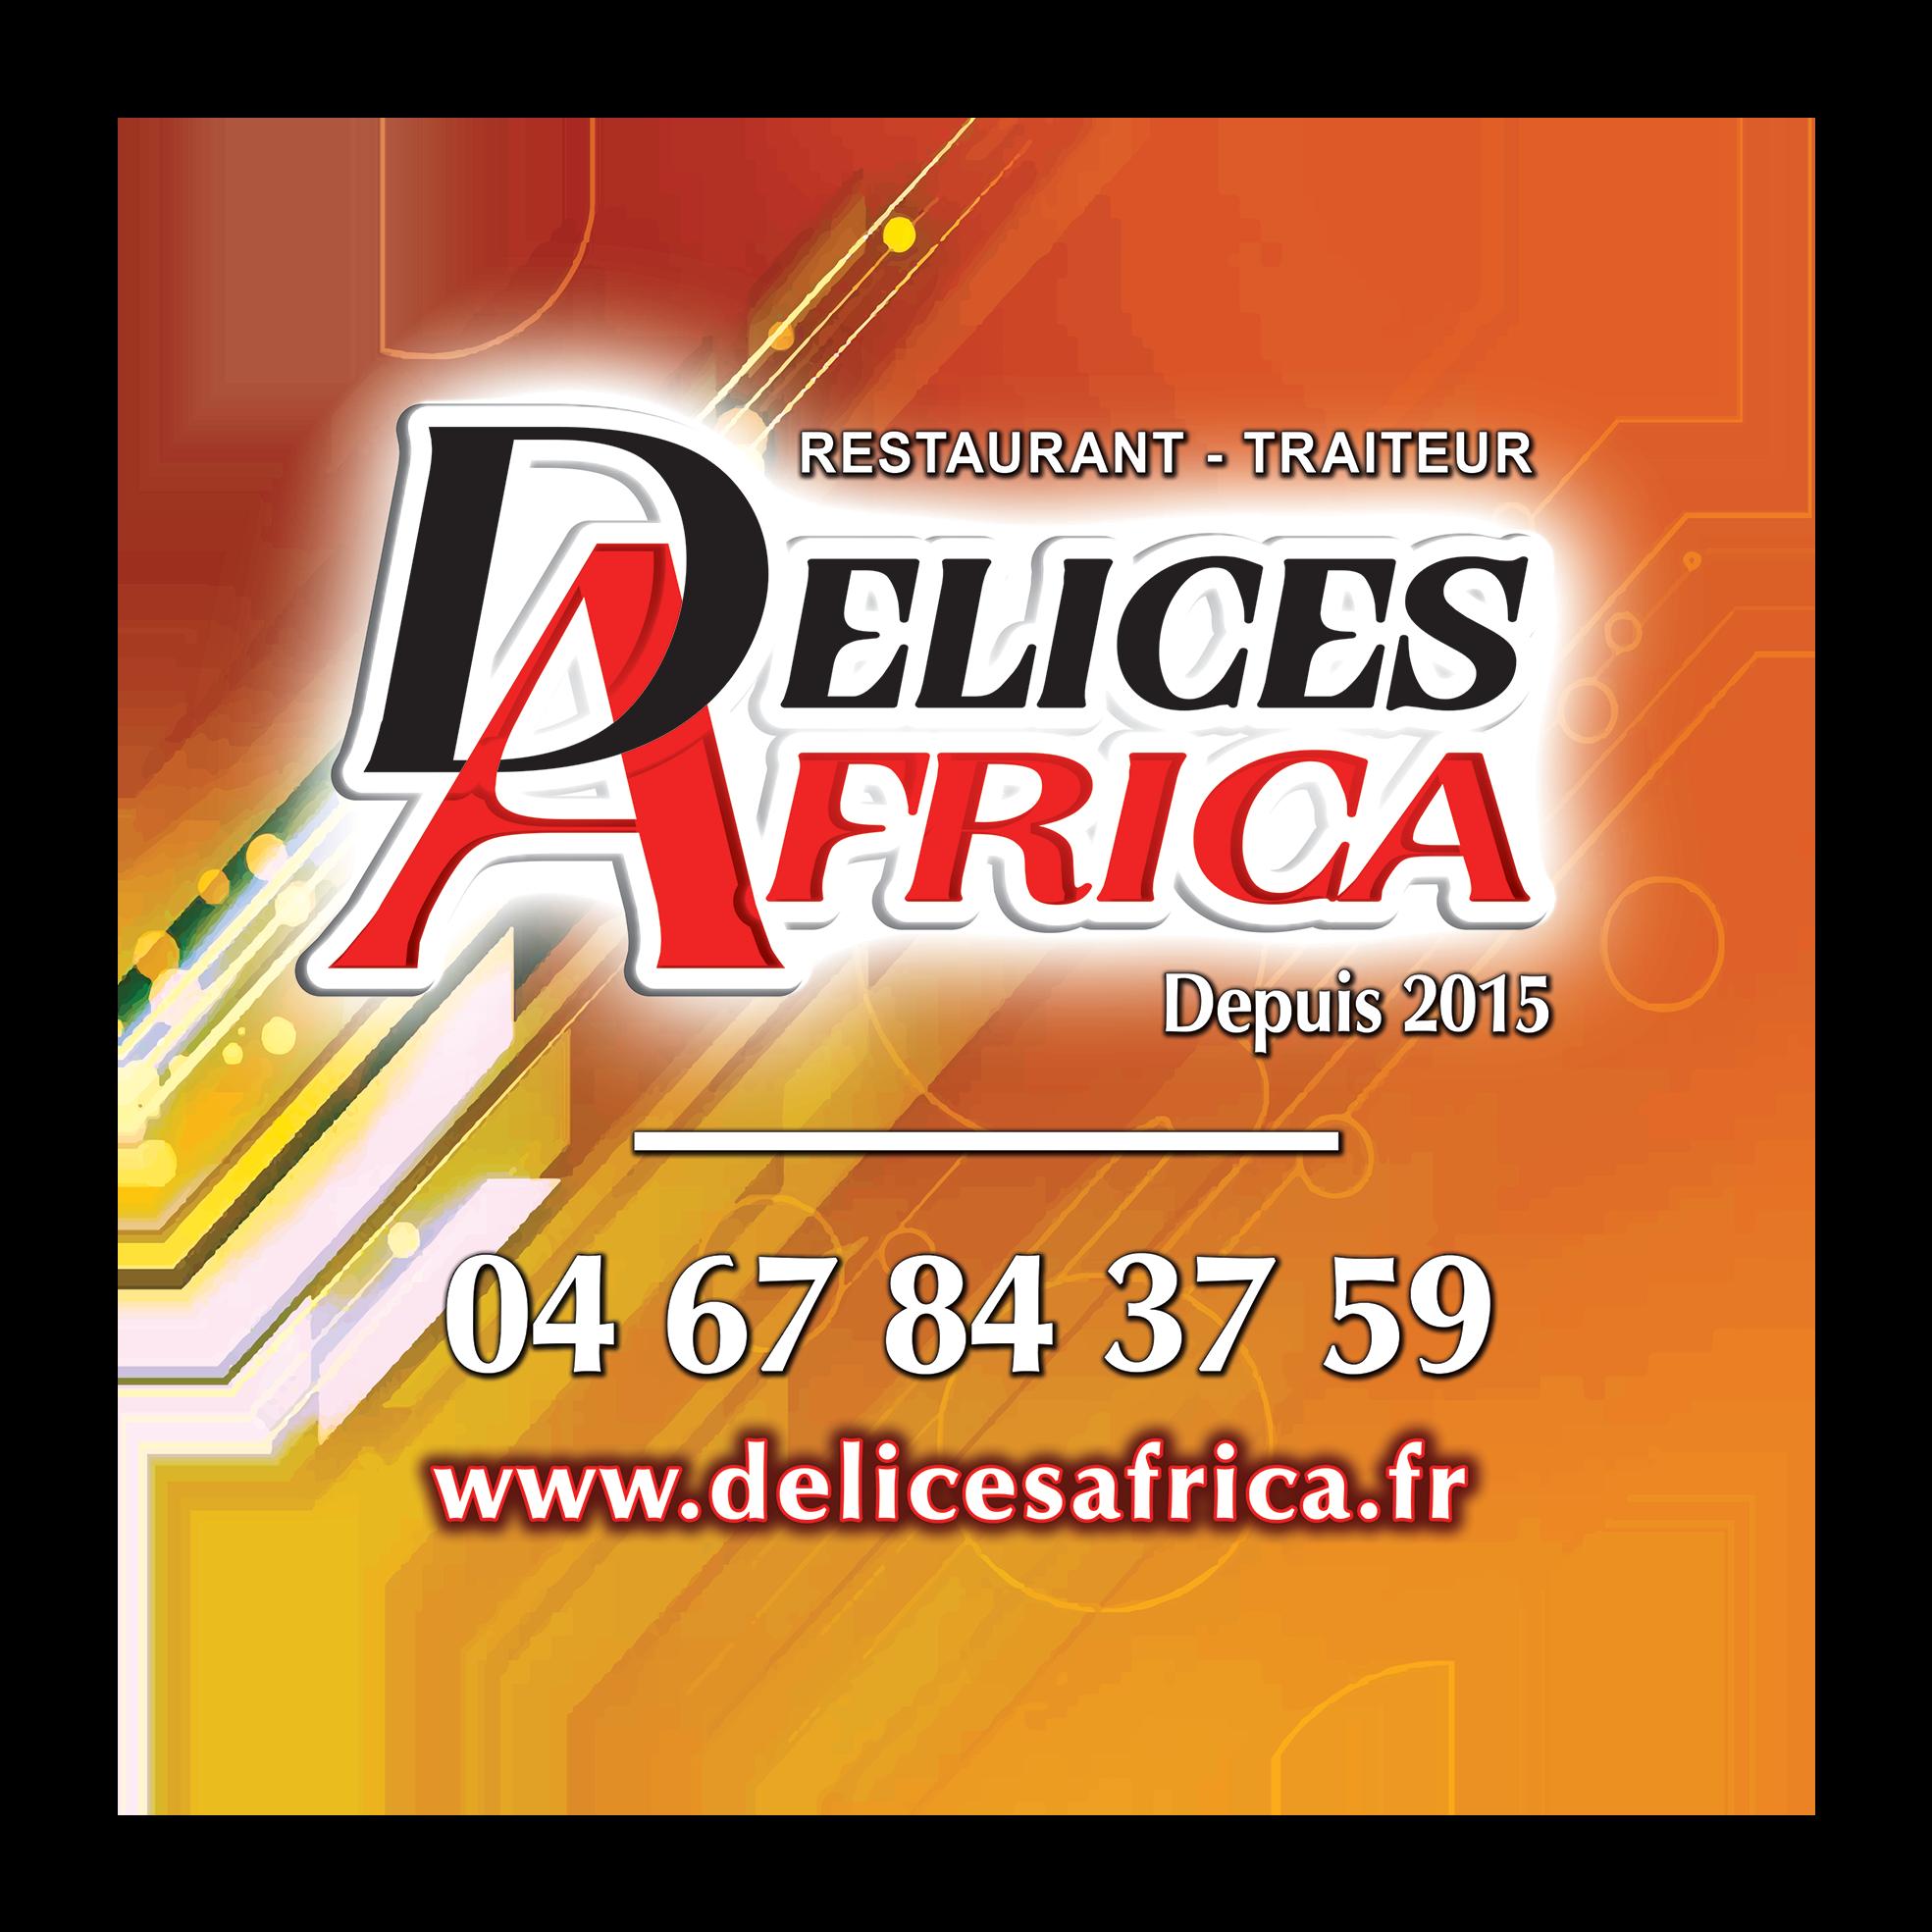 Logo Restaurant & Traiteur Délices AFRICA